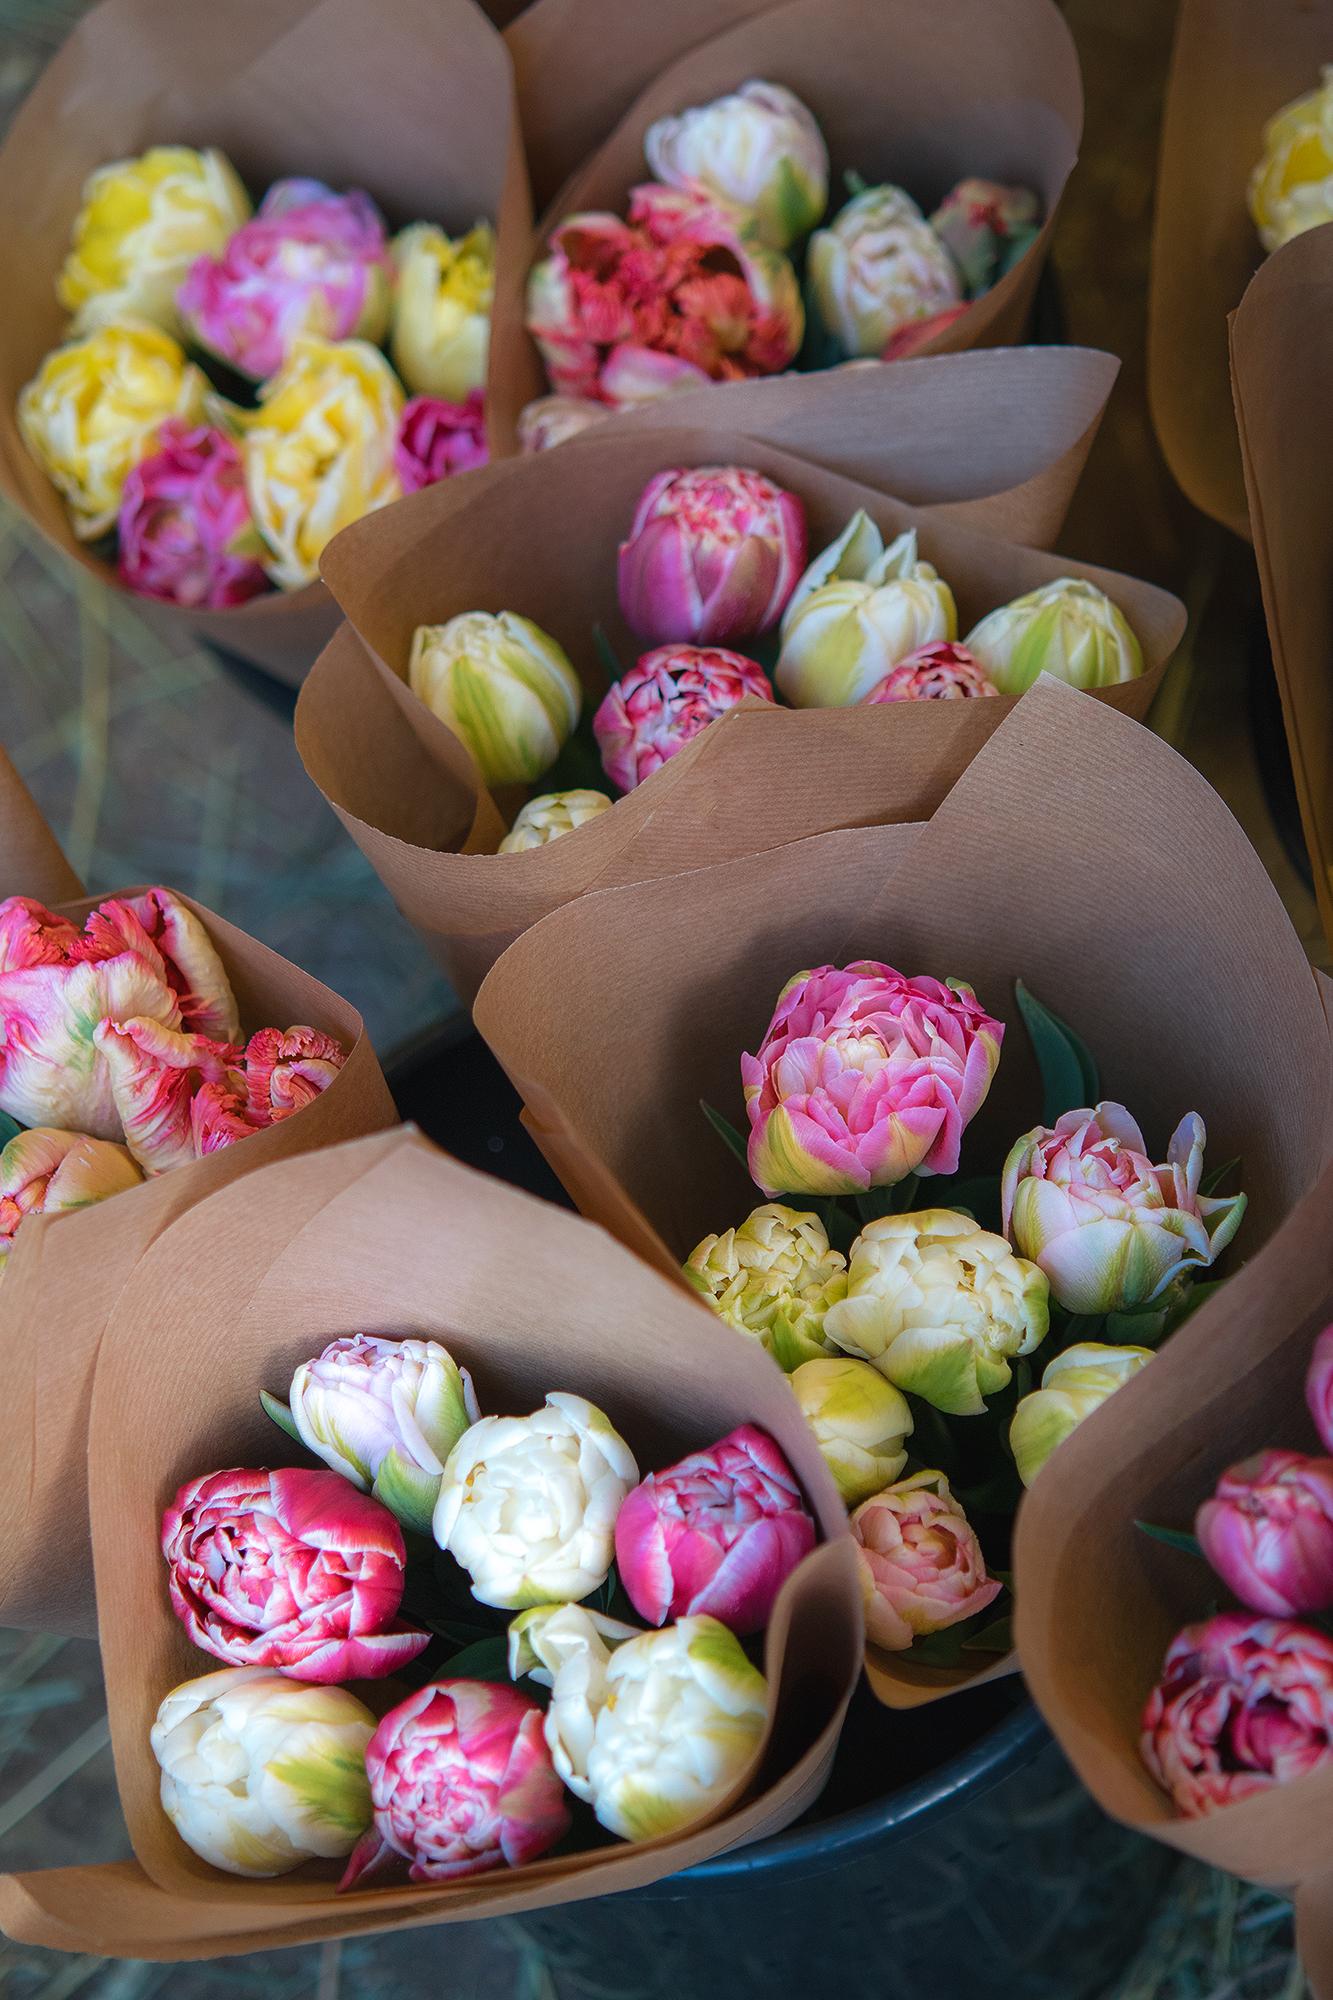 Här finns våra blommor - Våra blommor och buketter finns framförallt hos oss i vår egen trädgårdsbutik, under säsong (omkring mellan april-oktober)Våra blommor finns även att köpa vid vissa tillfällen hos Cafe Mandeltårtan i Ronneby. Mer om detta kommer!Ibland finns vi på olika marknader med våra blomster. Följ oss på sociala medier för att säkrast se var vi kommer vara/brukar vara.